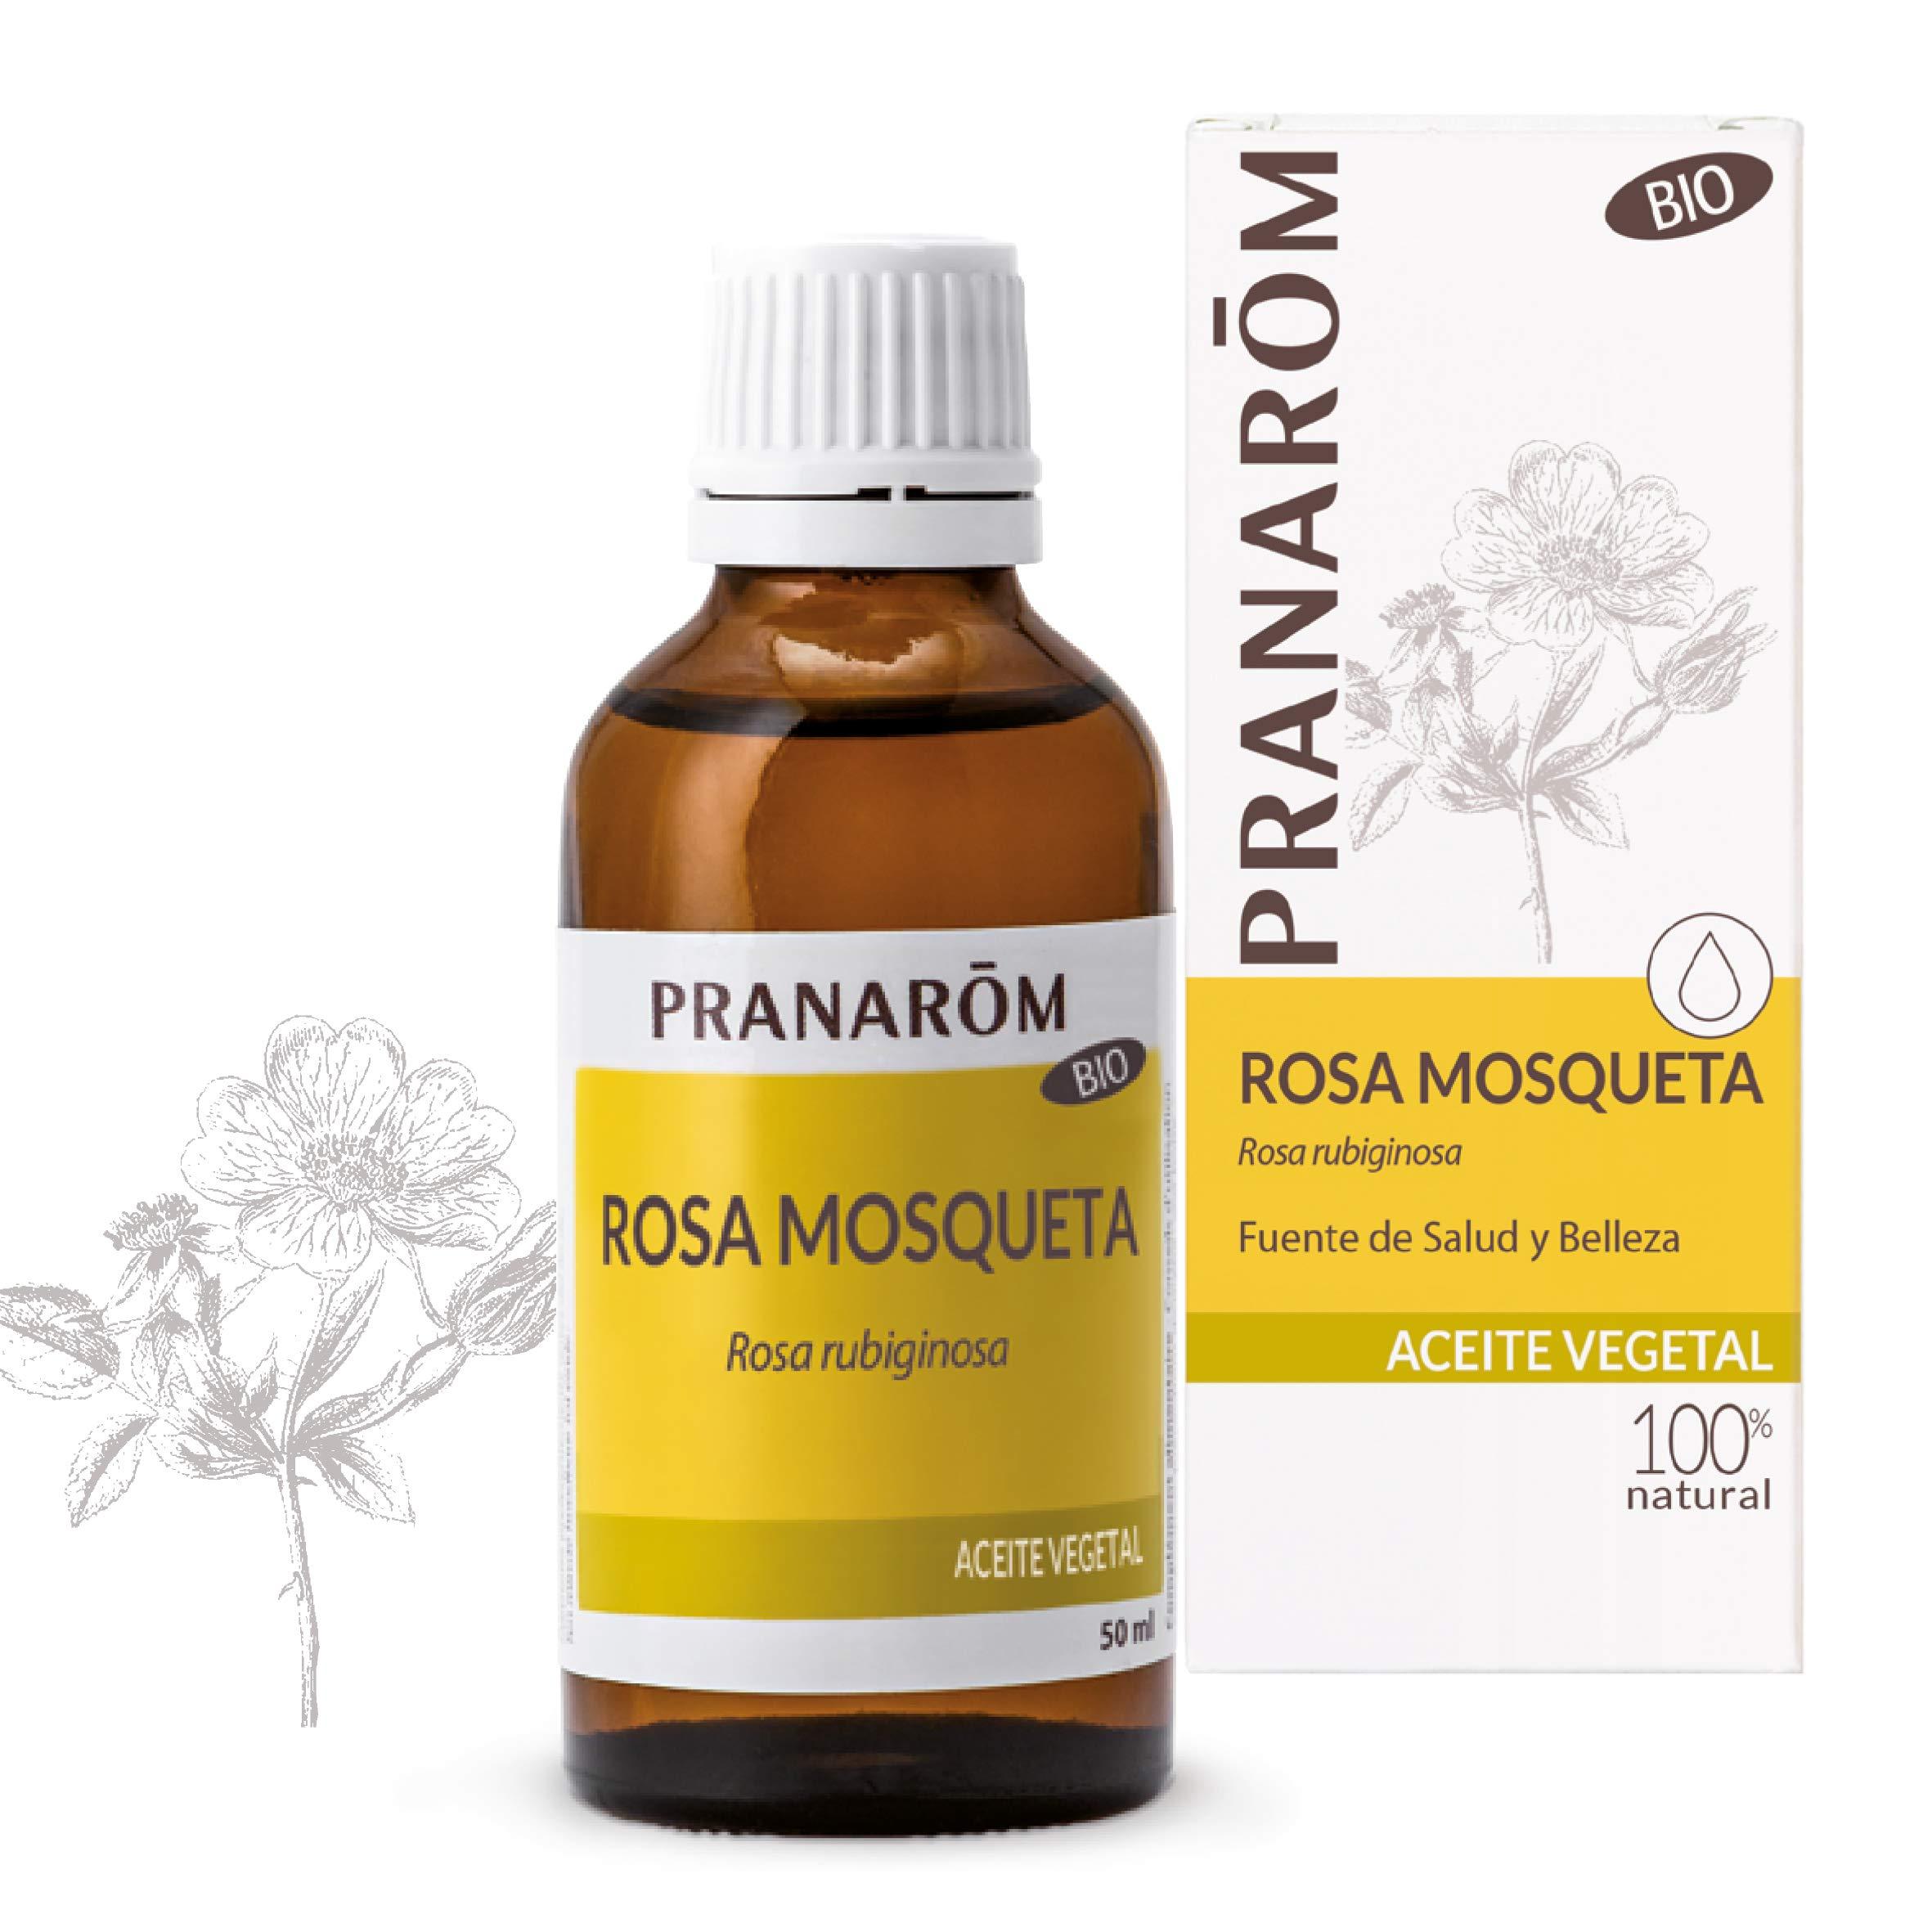 PRANAROM - ROSE HIP OIL PLANT B by Pranar?m